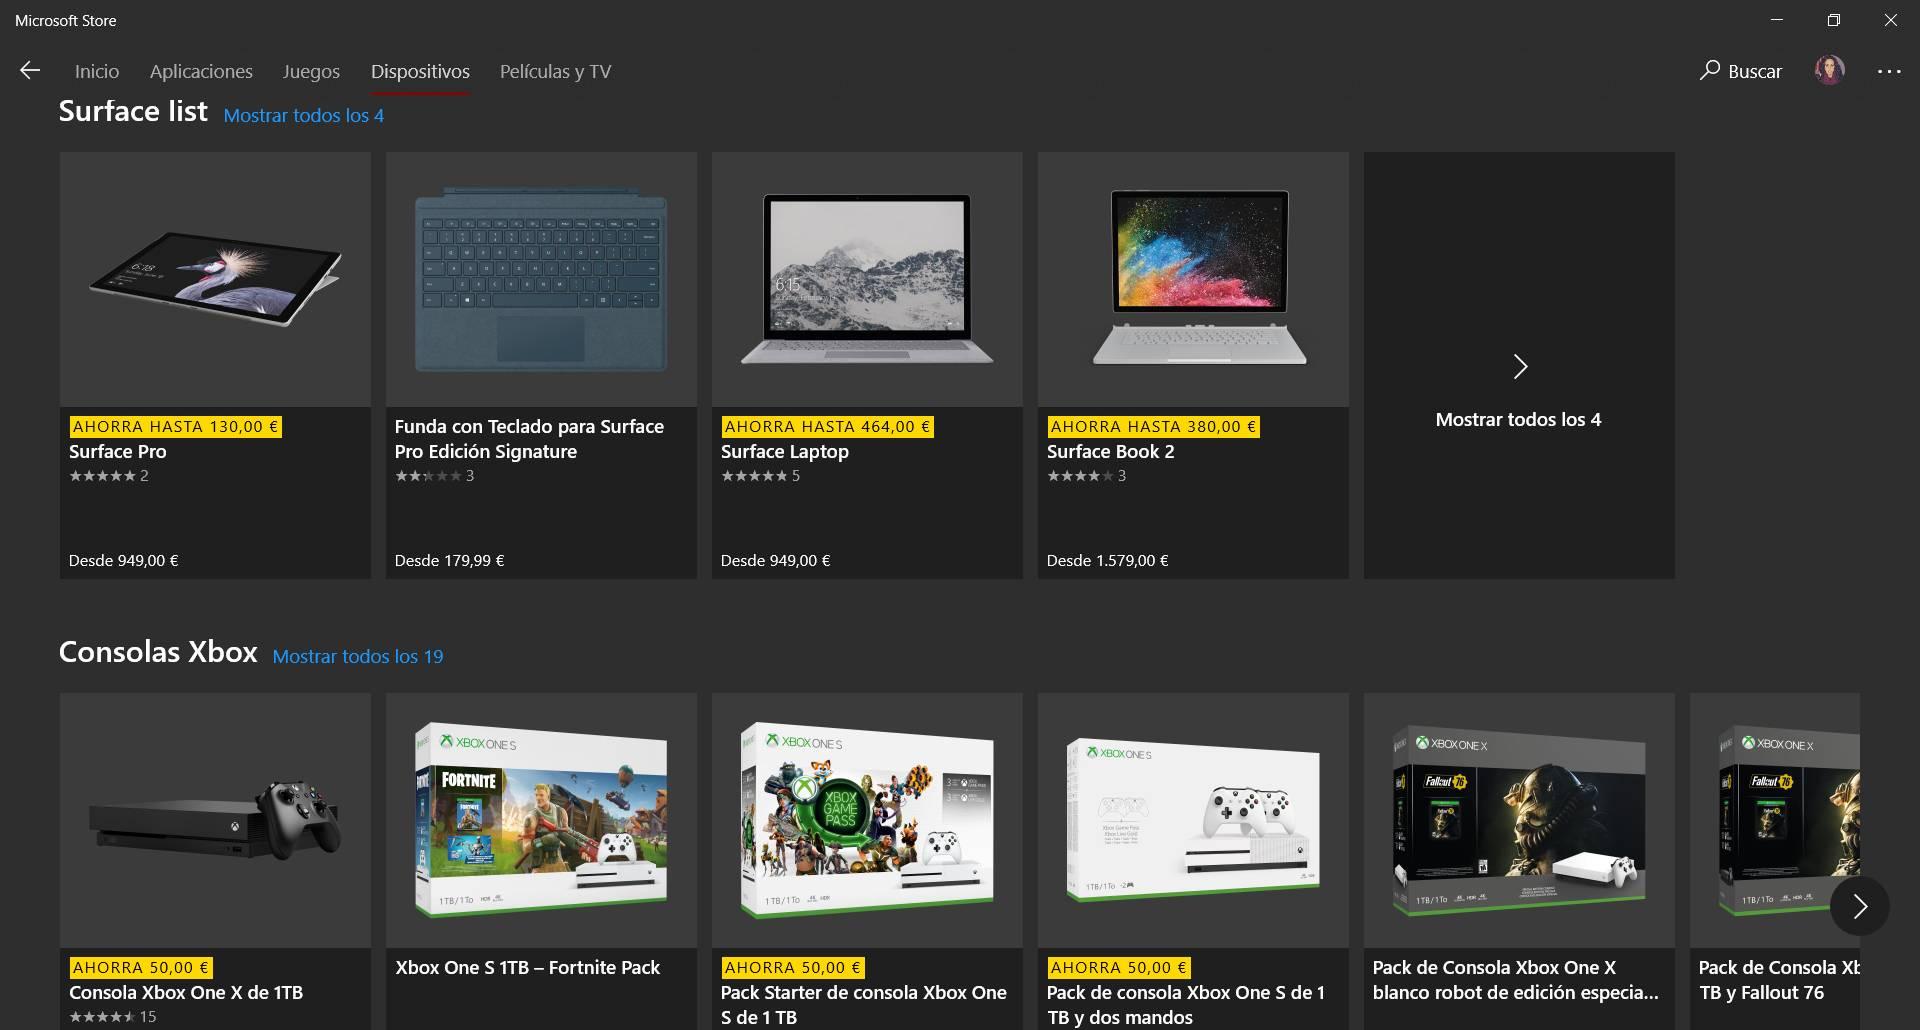 La tienda de Microsoft ahora nos permite comprar dispositivos